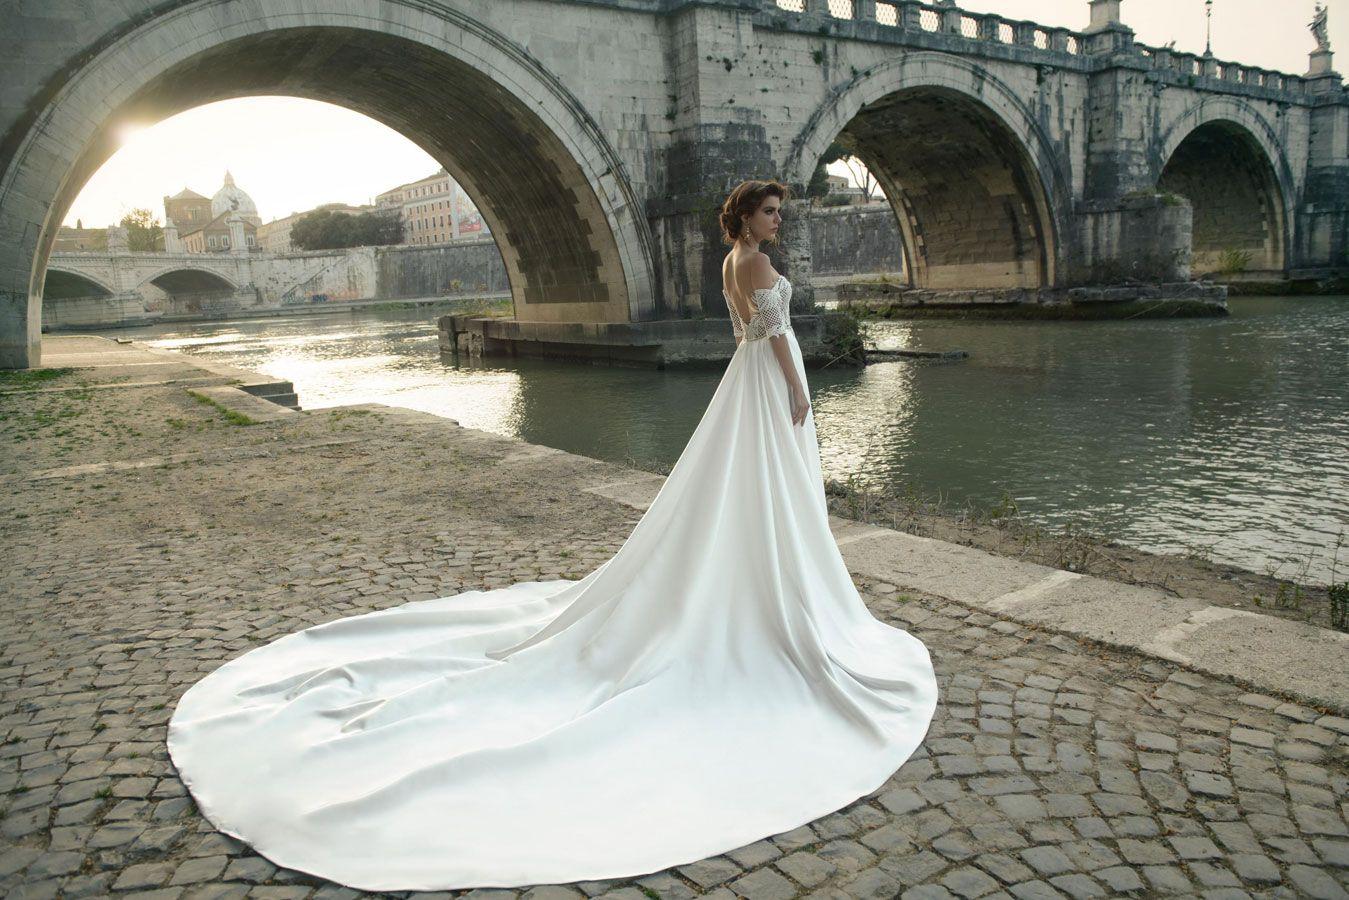 Off the shoulder wedding dress by Julie Vino wedding dresses 2017 | I take you #weddingdress #weddinggown